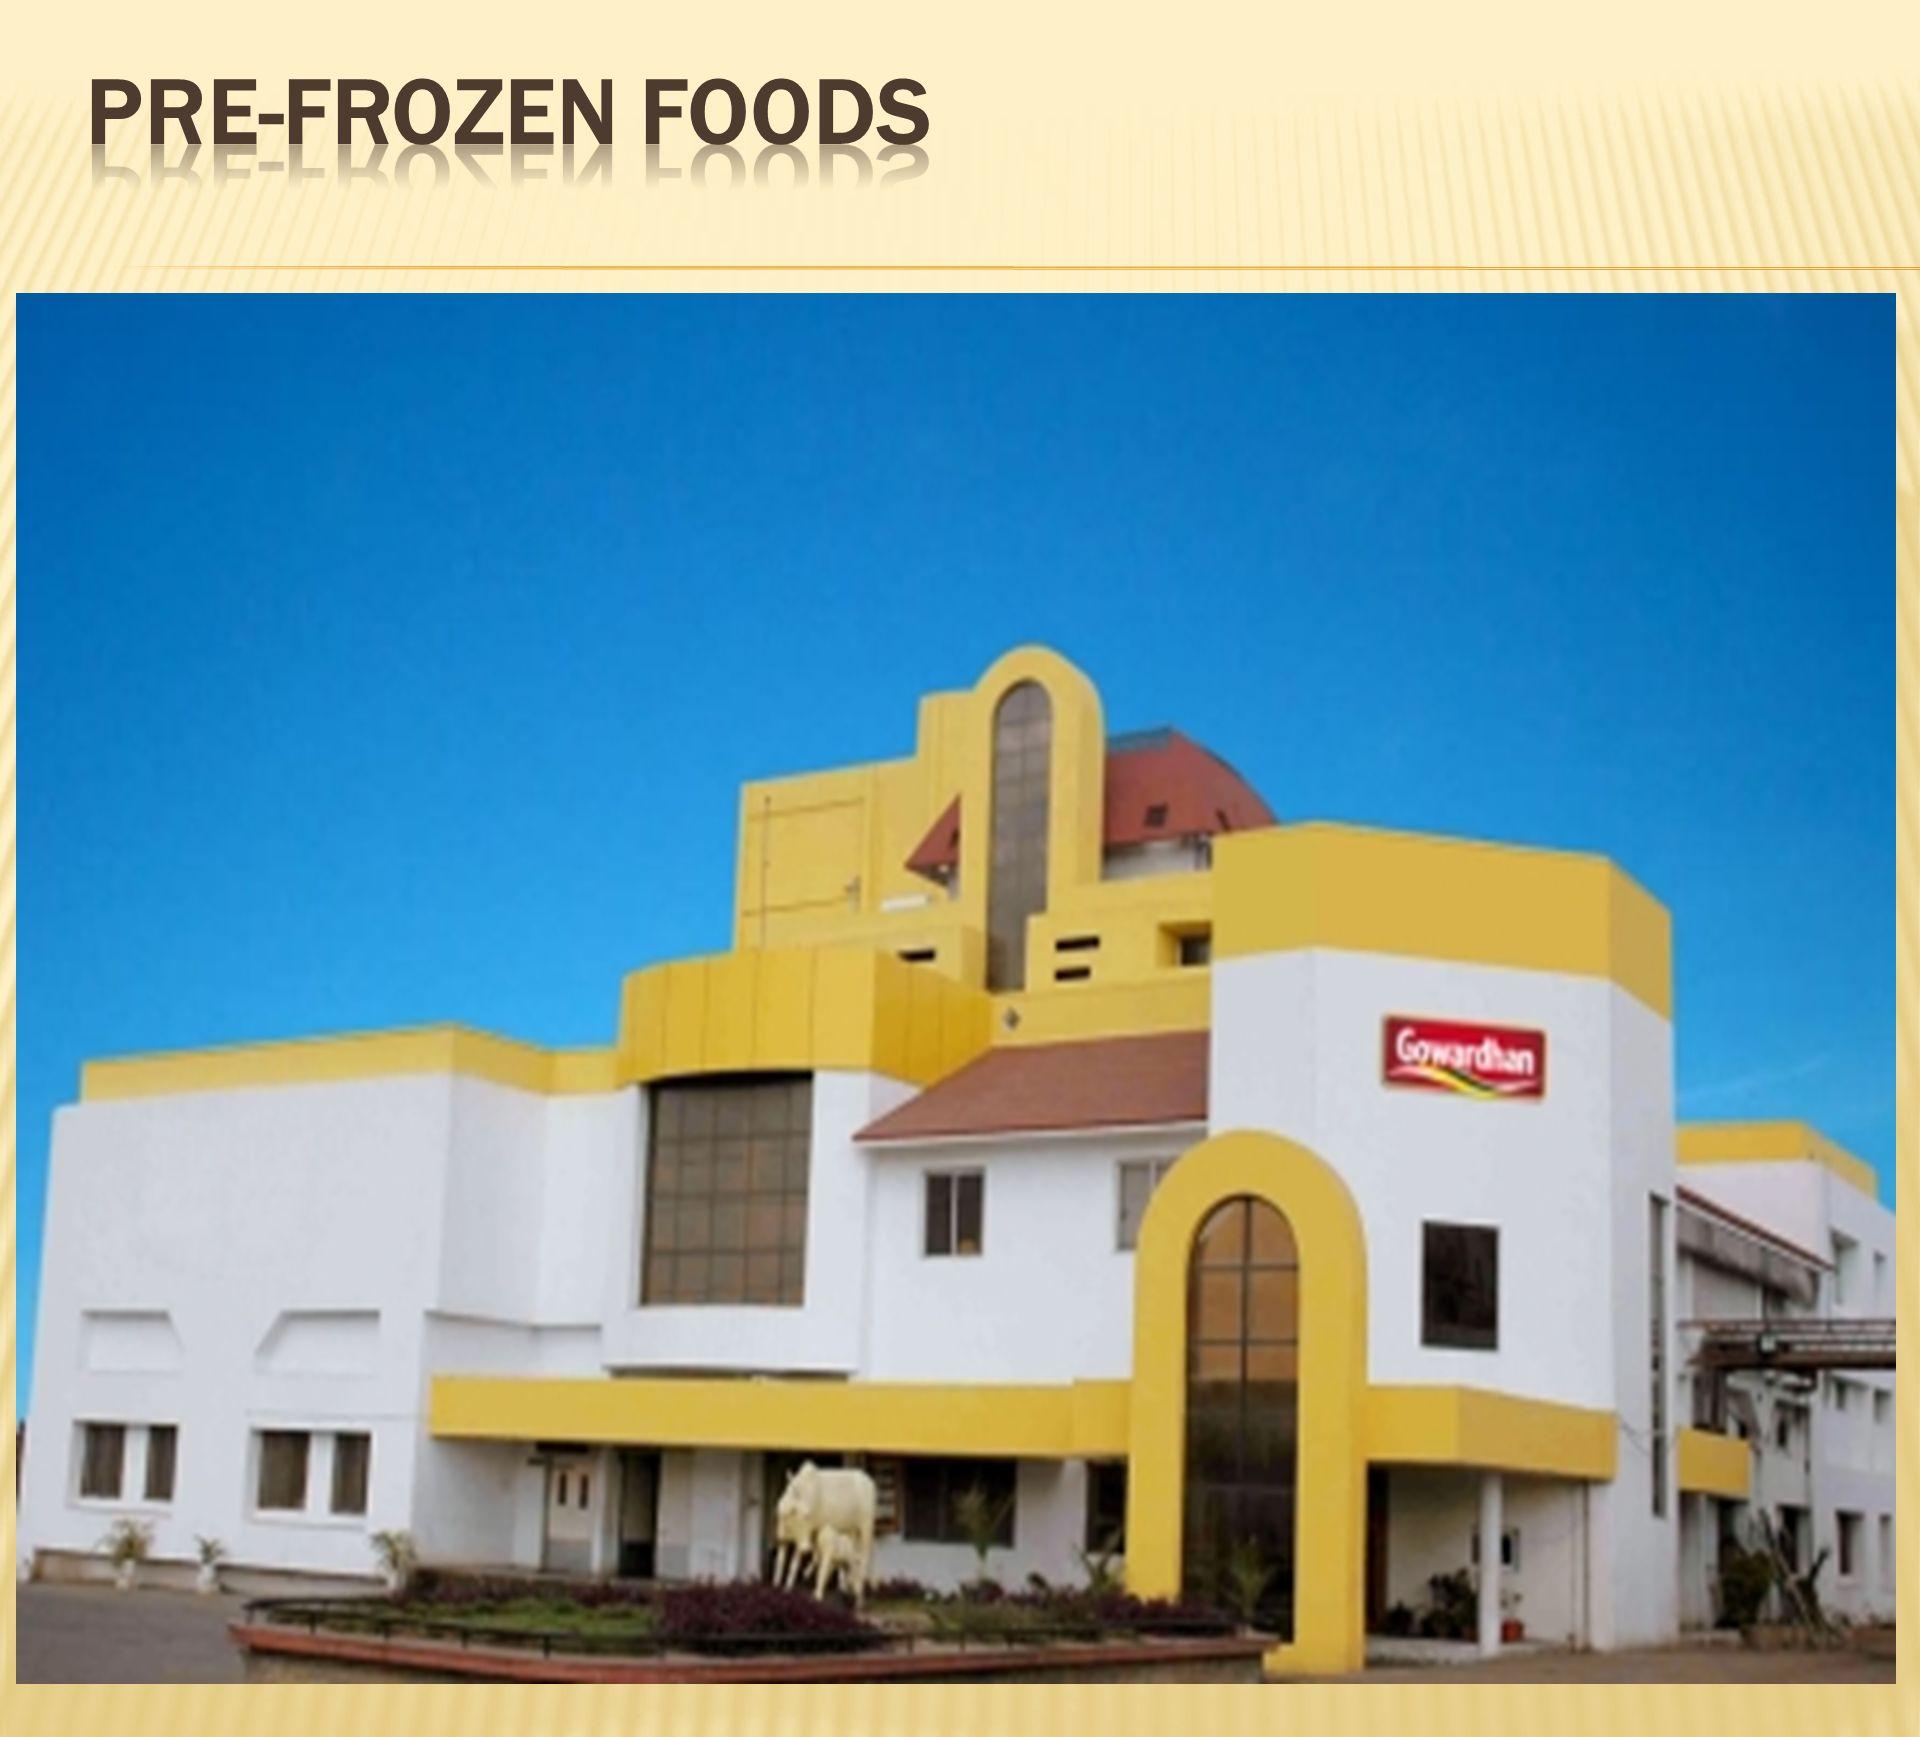 PRE-FROZEN FOODS